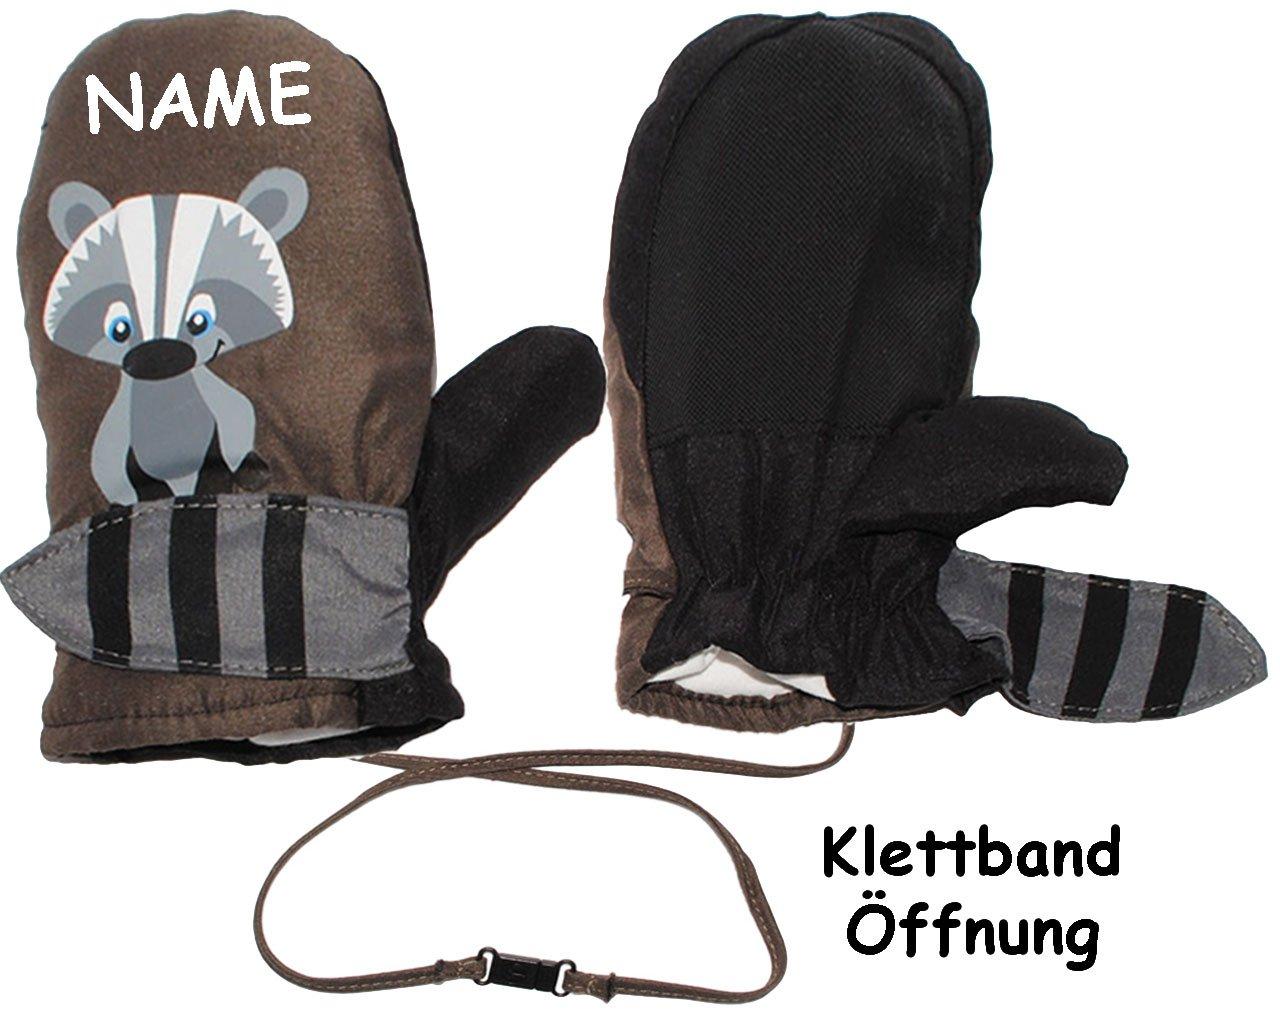 alles-meine.de GmbH Fäustlinge / Fausthandschuhe - Größen: 1 bis 2 Jahre - süßer Waschbär - incl. Name - mit langem Schaft + Klettverschluß - LEICHT anzuziehen ! mit Daumen _..